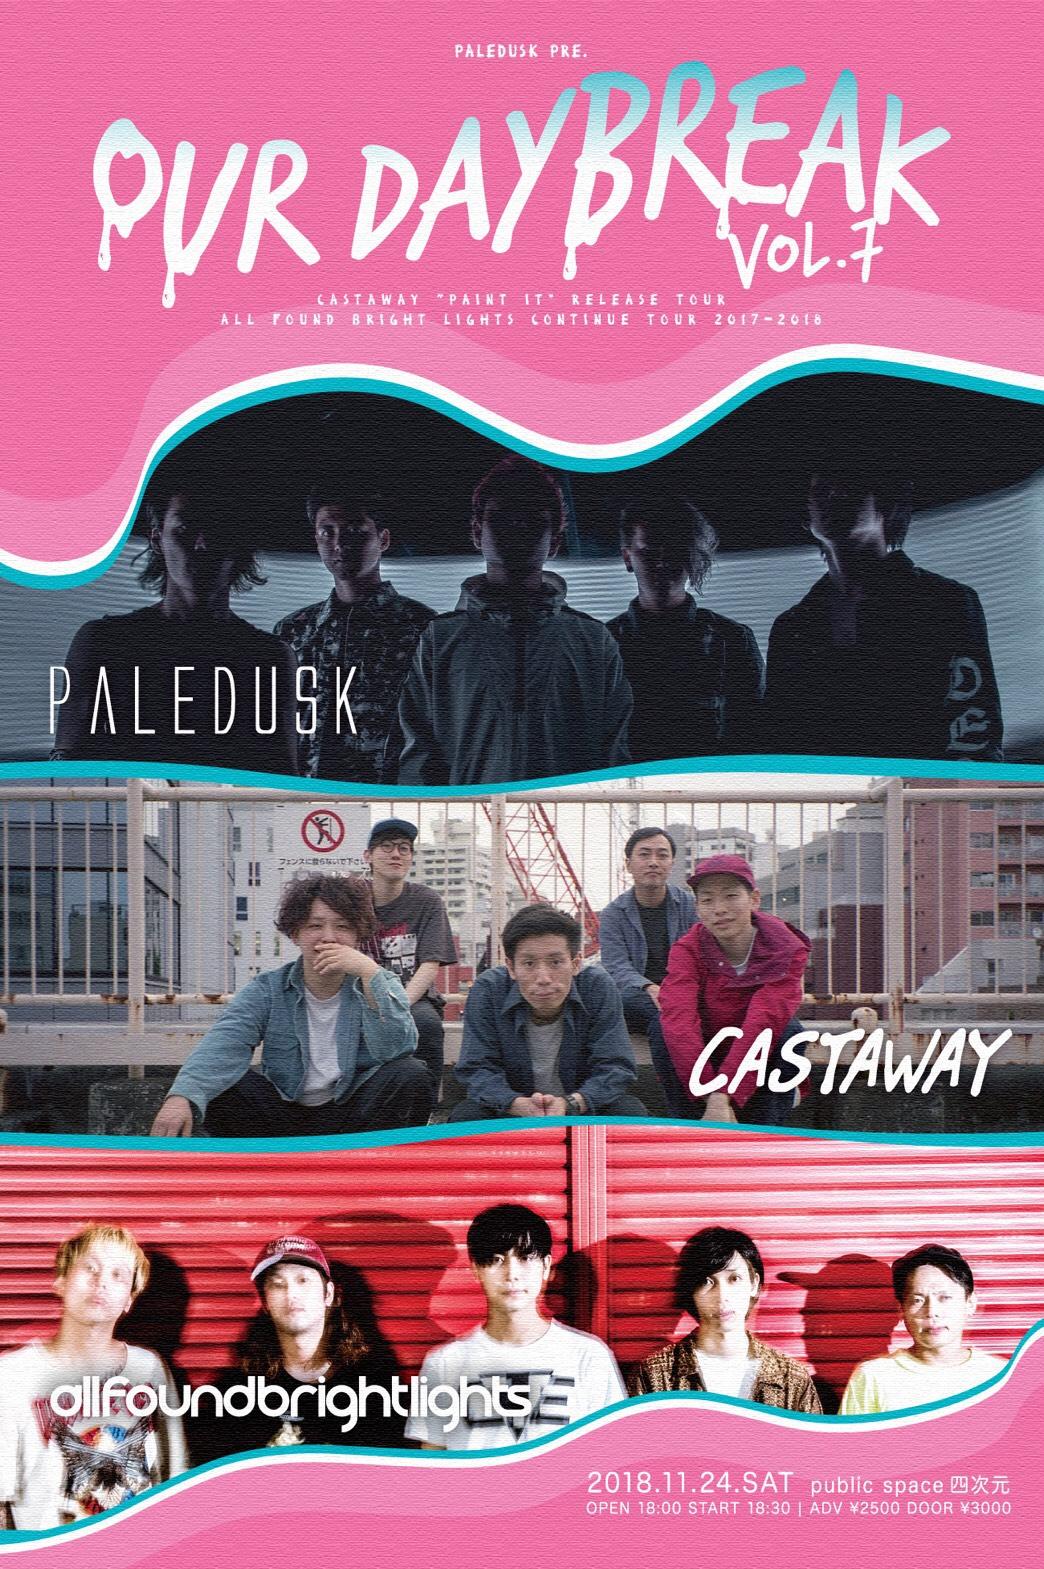 castaway paint it release tour